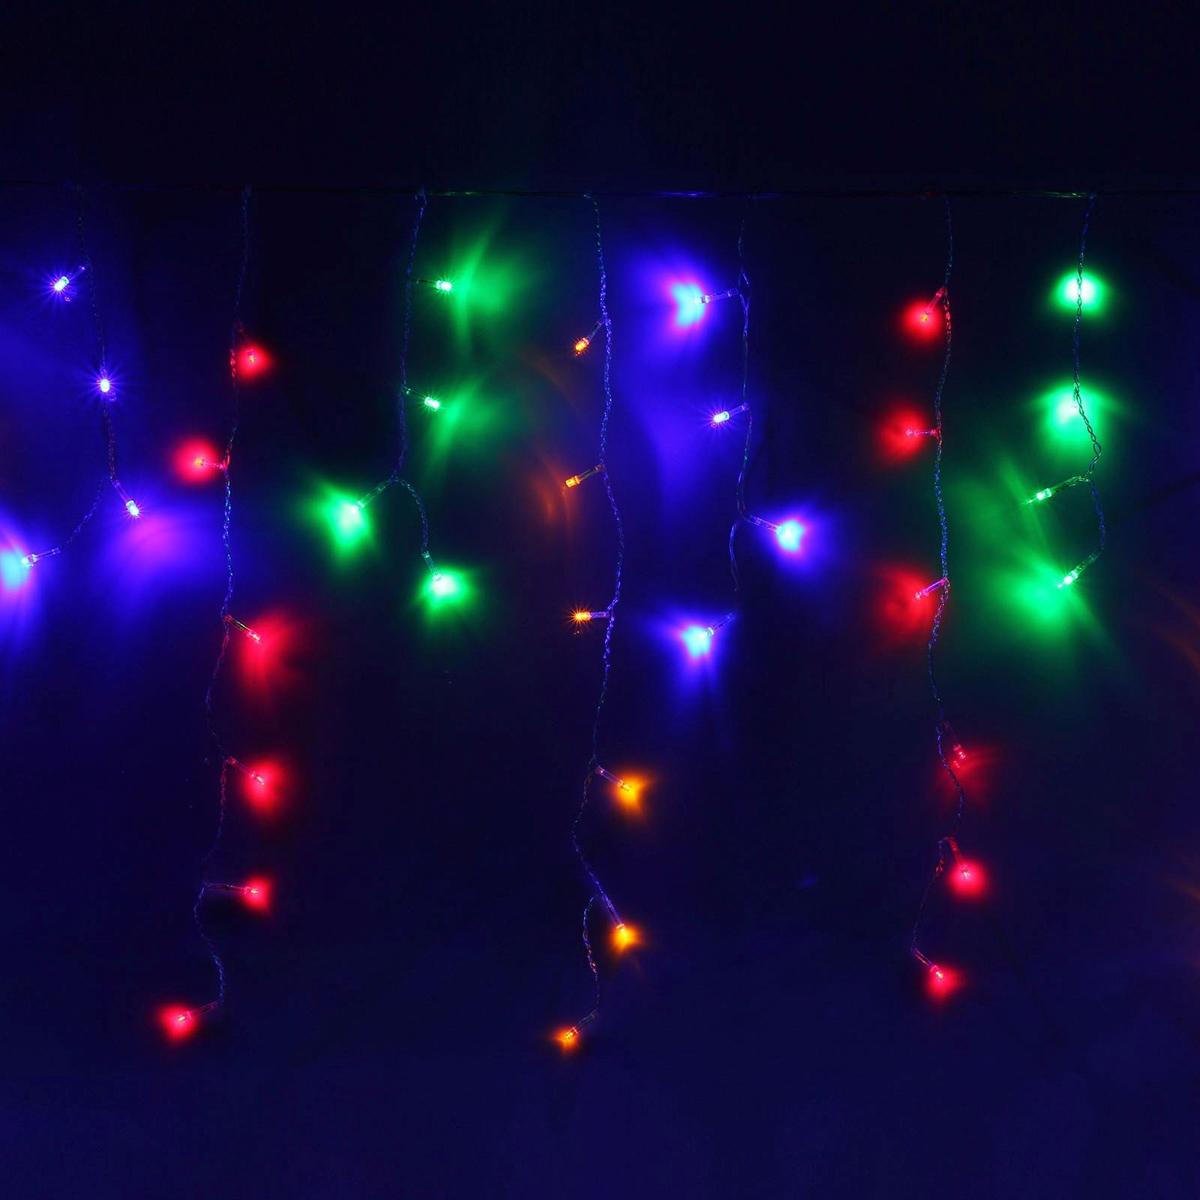 Гирлянда светодиодная Luazon Бахрома, уличная, 8 режимов, 60 ламп, 220V, цвет: мультиколор, 1 х 0,6 м. 671664671664Светодиодные гирлянды, ленты и т.д — это отличный вариант для новогоднего оформления интерьера или фасада. С их помощью помещение любого размера можно превратить в праздничный зал, а внешние элементы зданий, украшенные ими, мгновенно станут напоминать очертания сказочного дворца. Такие украшения создают ауру предвкушения чуда. Деревья, фасады, витрины, окна и арки будто специально созданы, чтобы вы украсили их светящимися нитями.